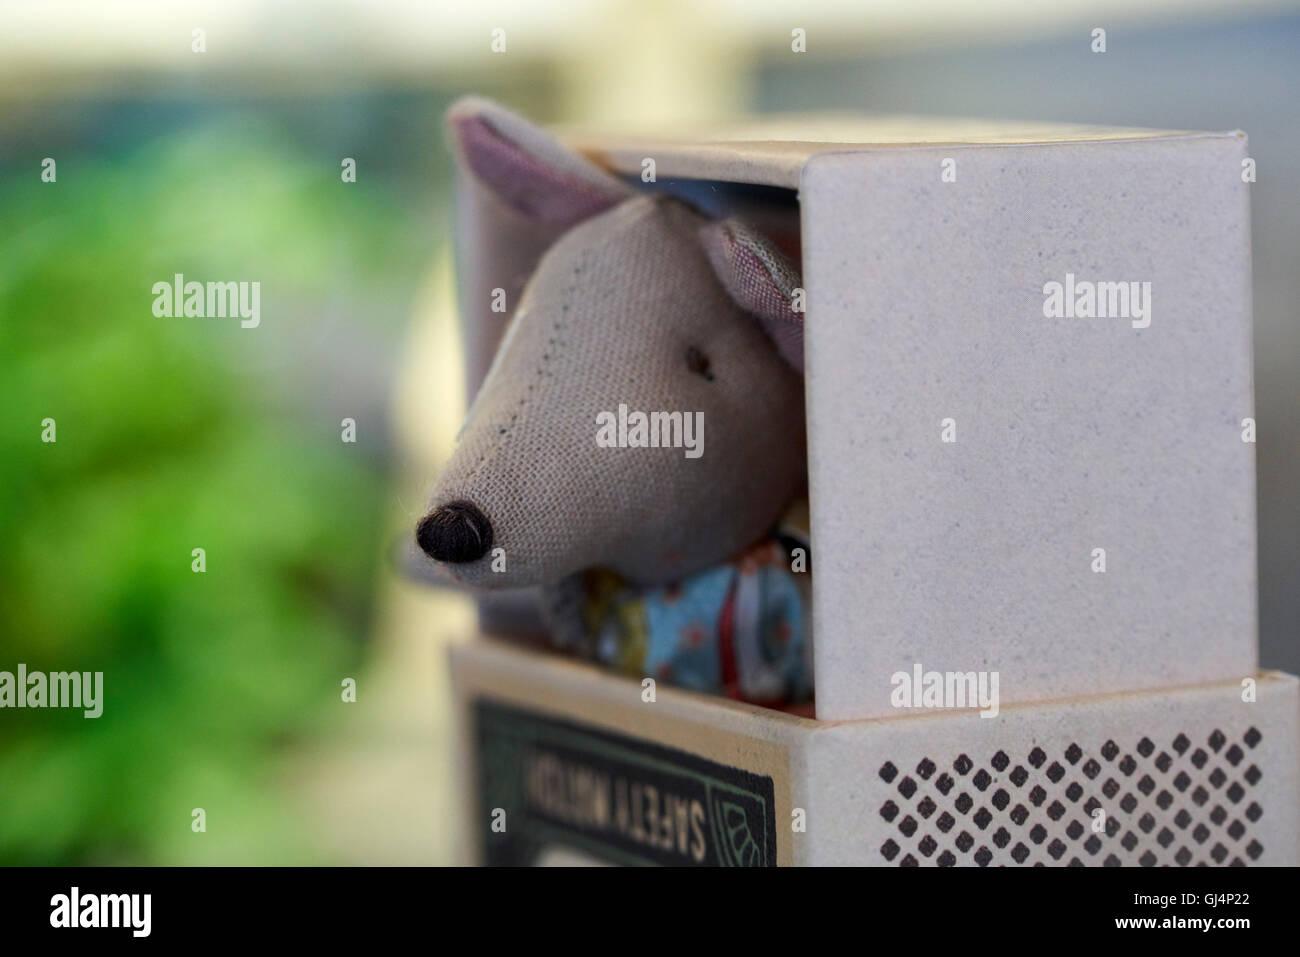 Toy stuffed mounse peeking out of match box - Stock Image